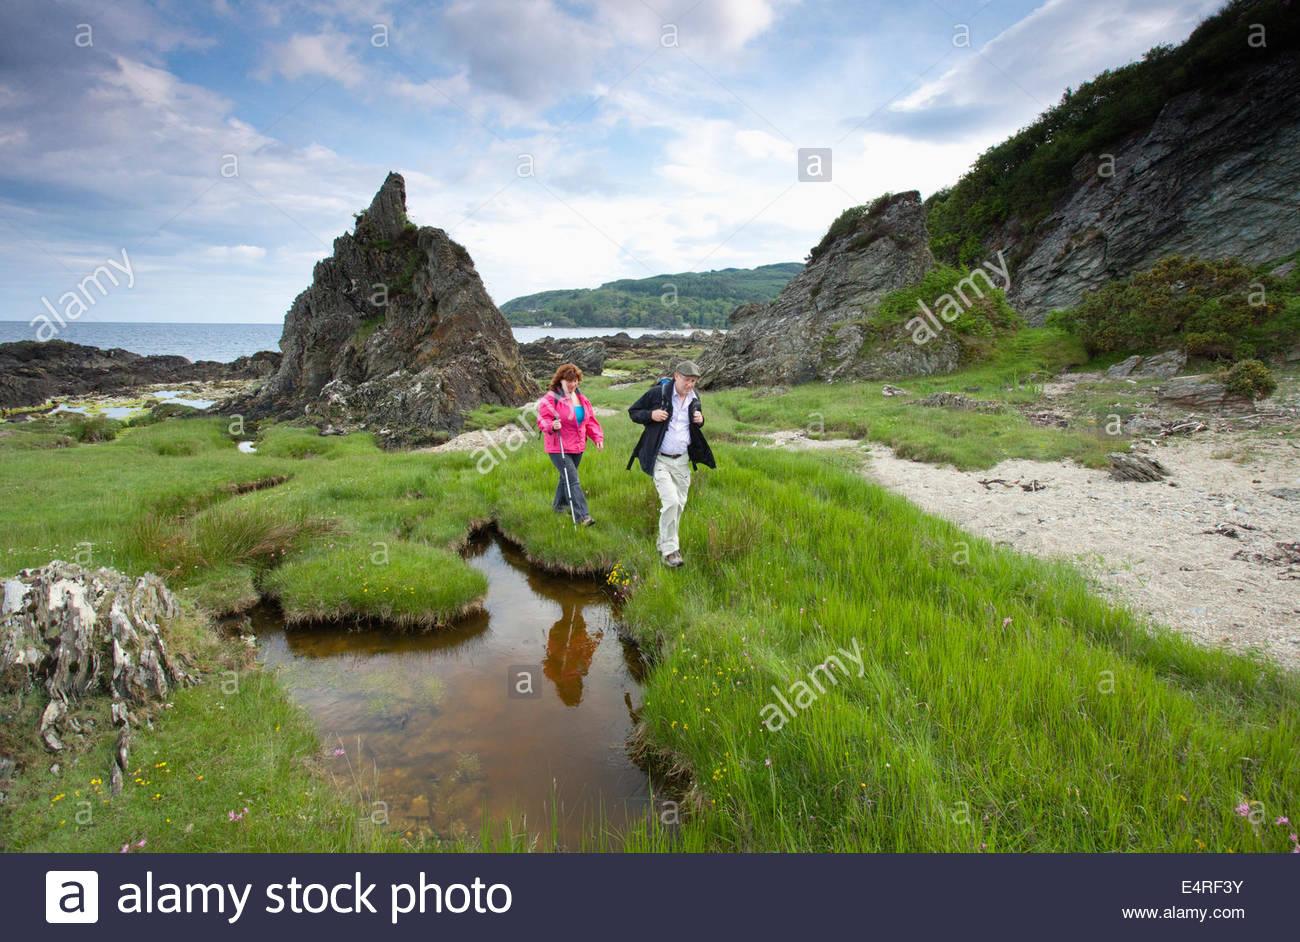 Un paio di scuotipaglia sul modo di Kintyre - una lunga distanza sentiero, vicino Carradale, Kintyre, Argyl, Scozia. Immagini Stock